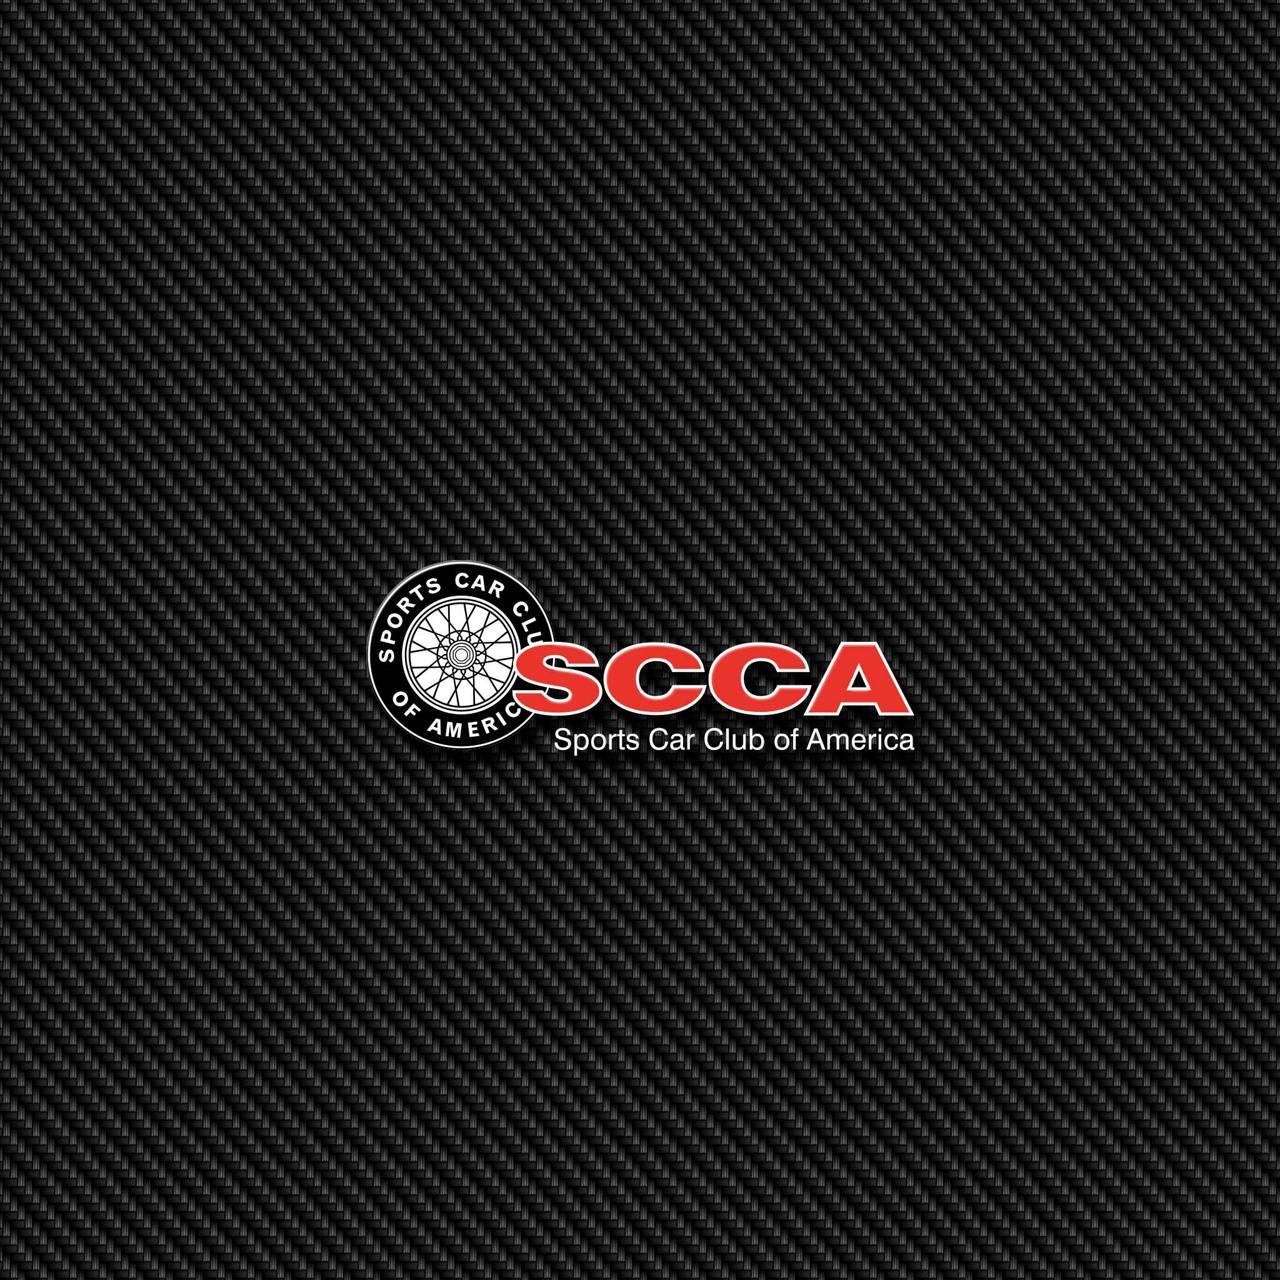 SCCA Carbon 2